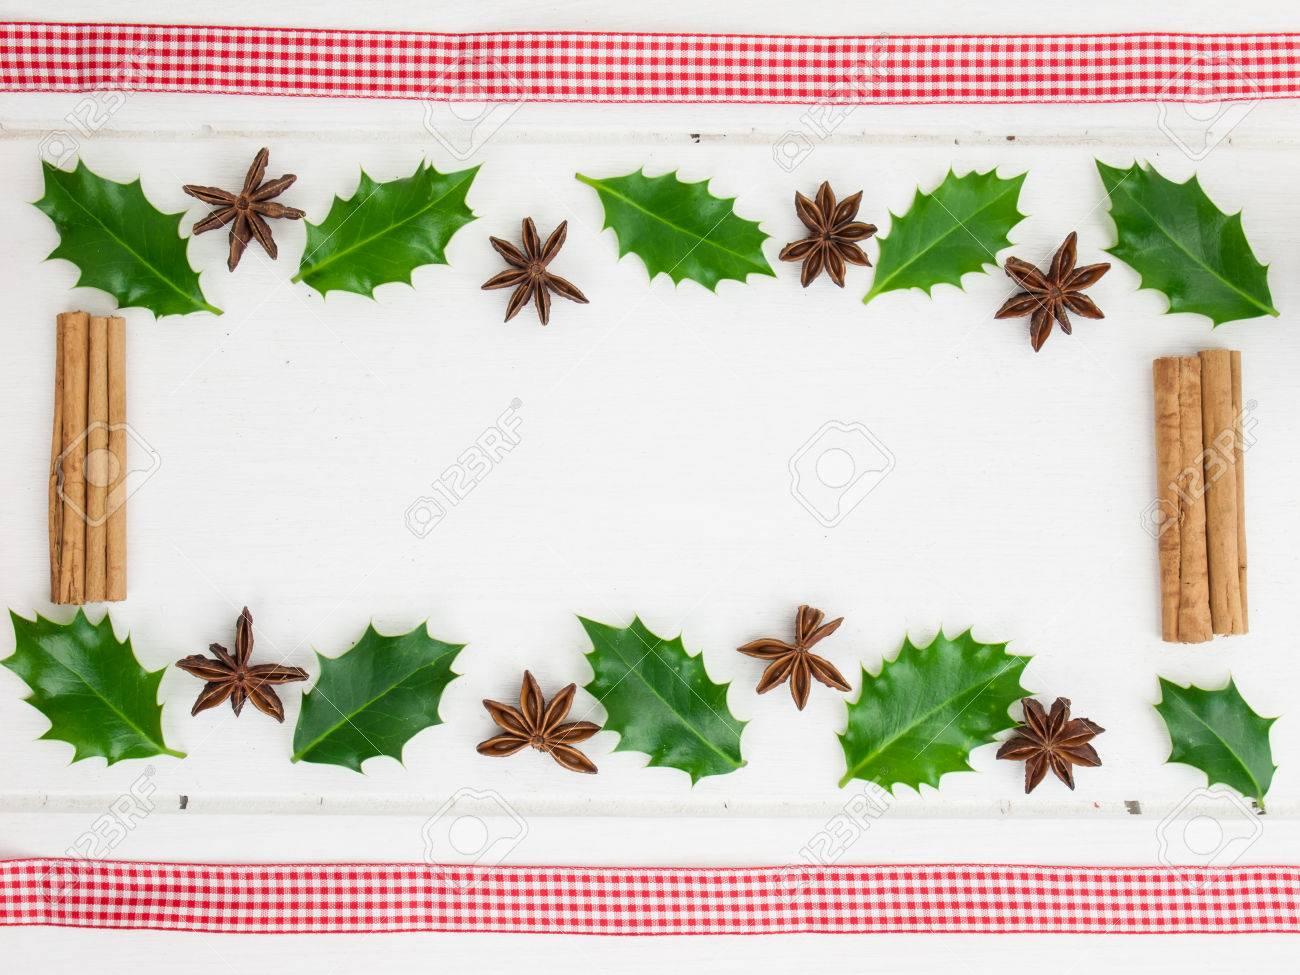 Rahmen Der Stechpalme Blätter, Zimt-Sticks Und Sternanis Mit Karo ...